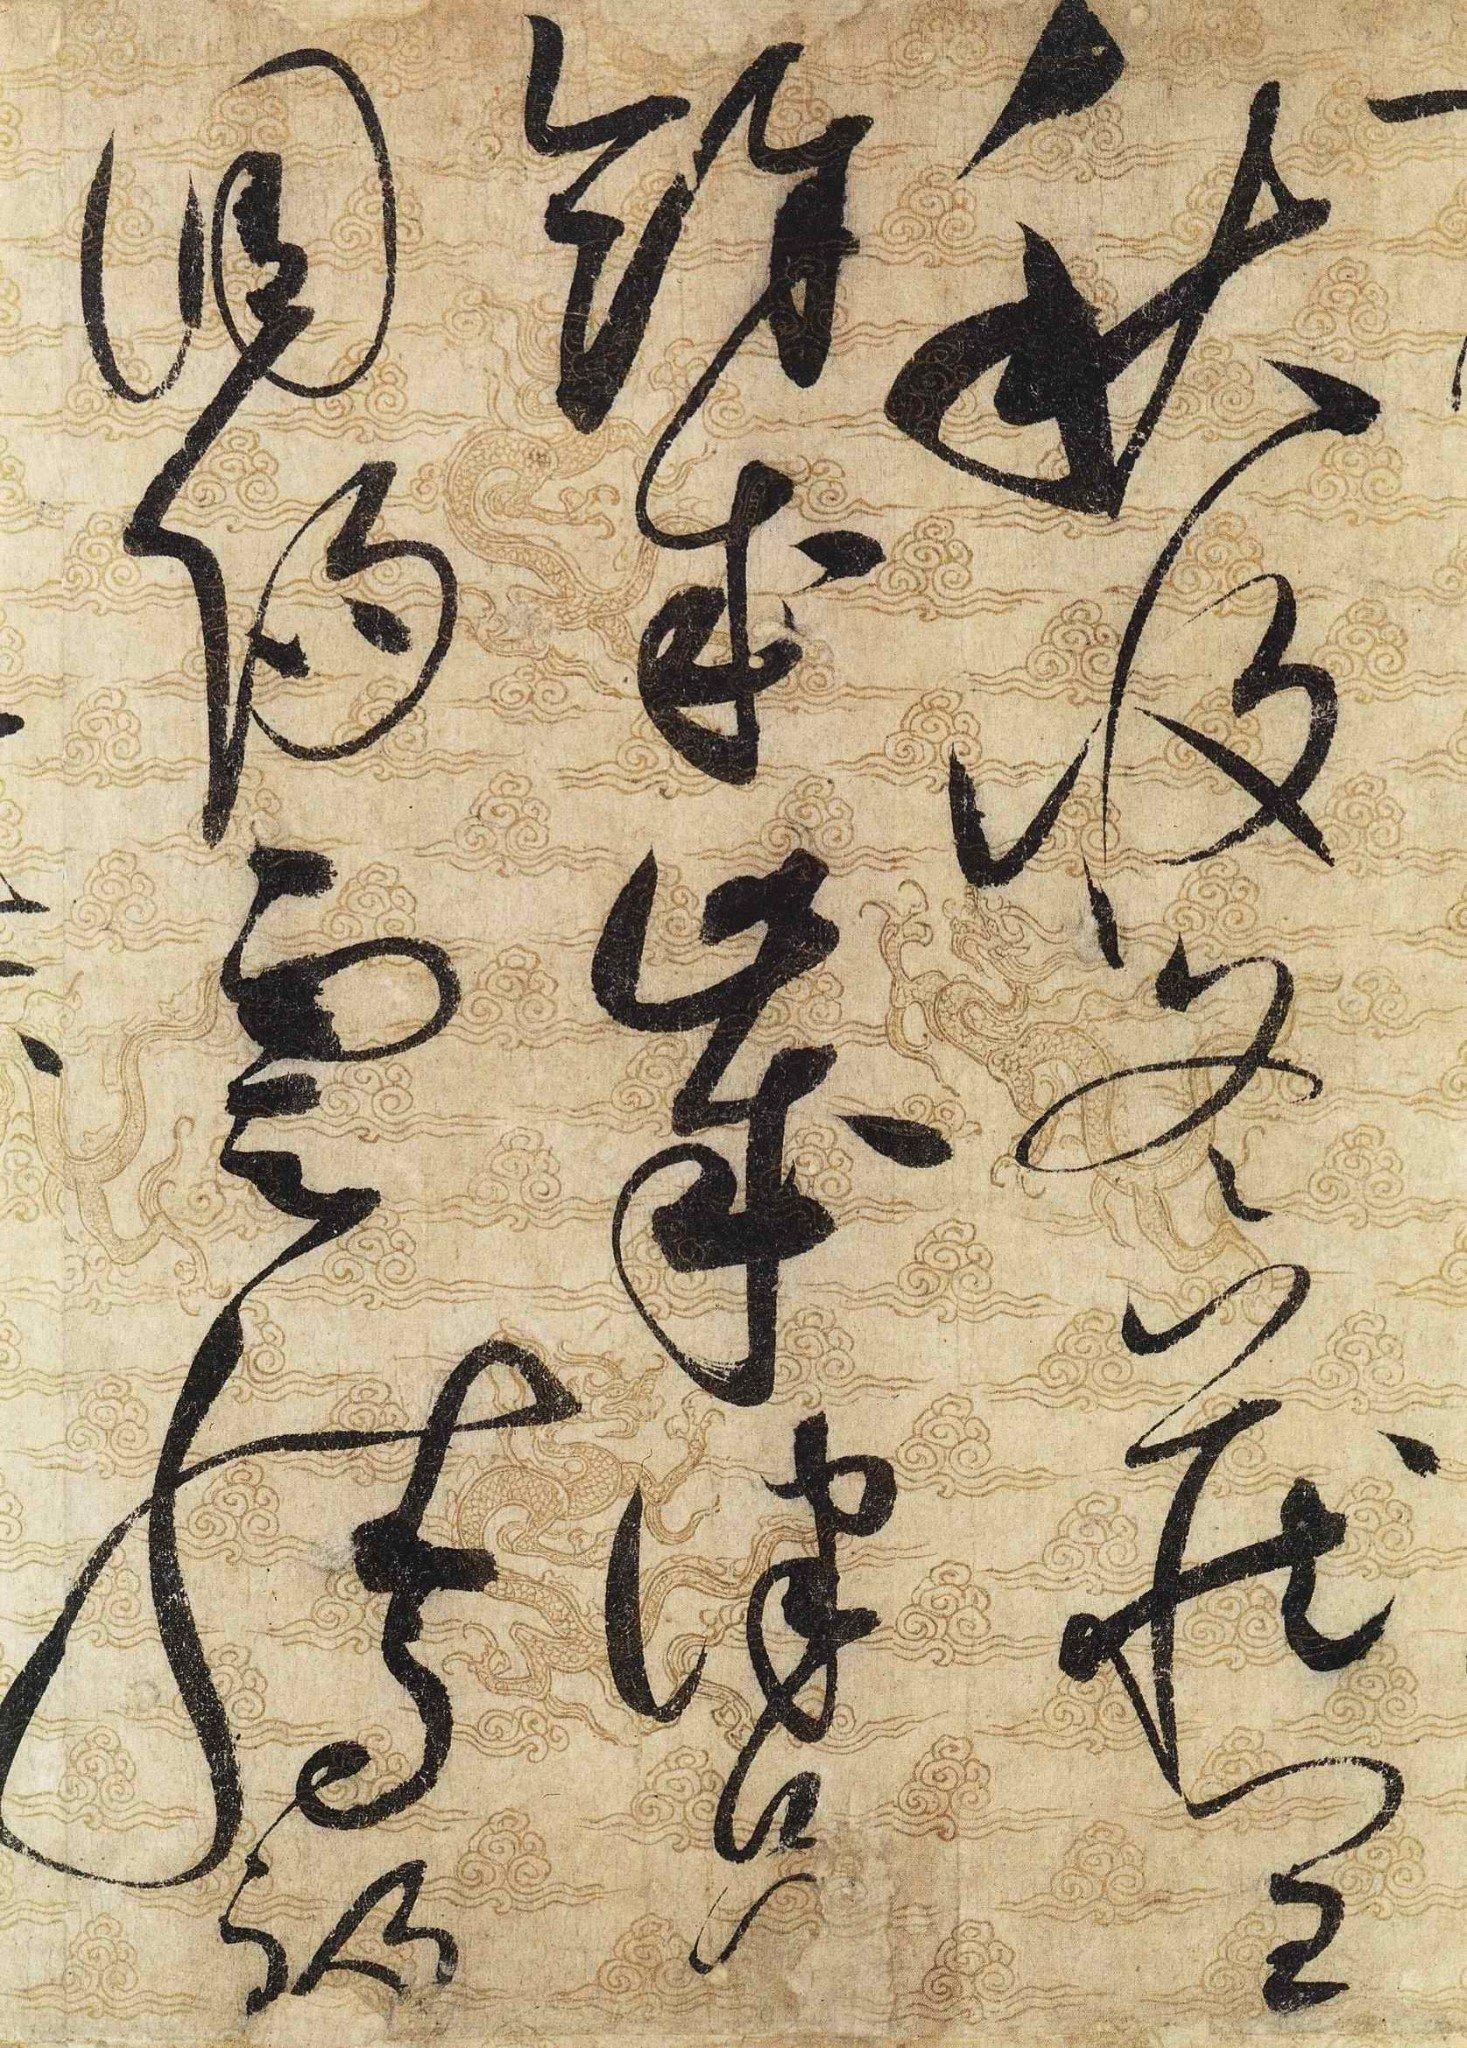 Tống Huy Tông Triệu Cát (Thảo Thư Thiên Tự Văn)